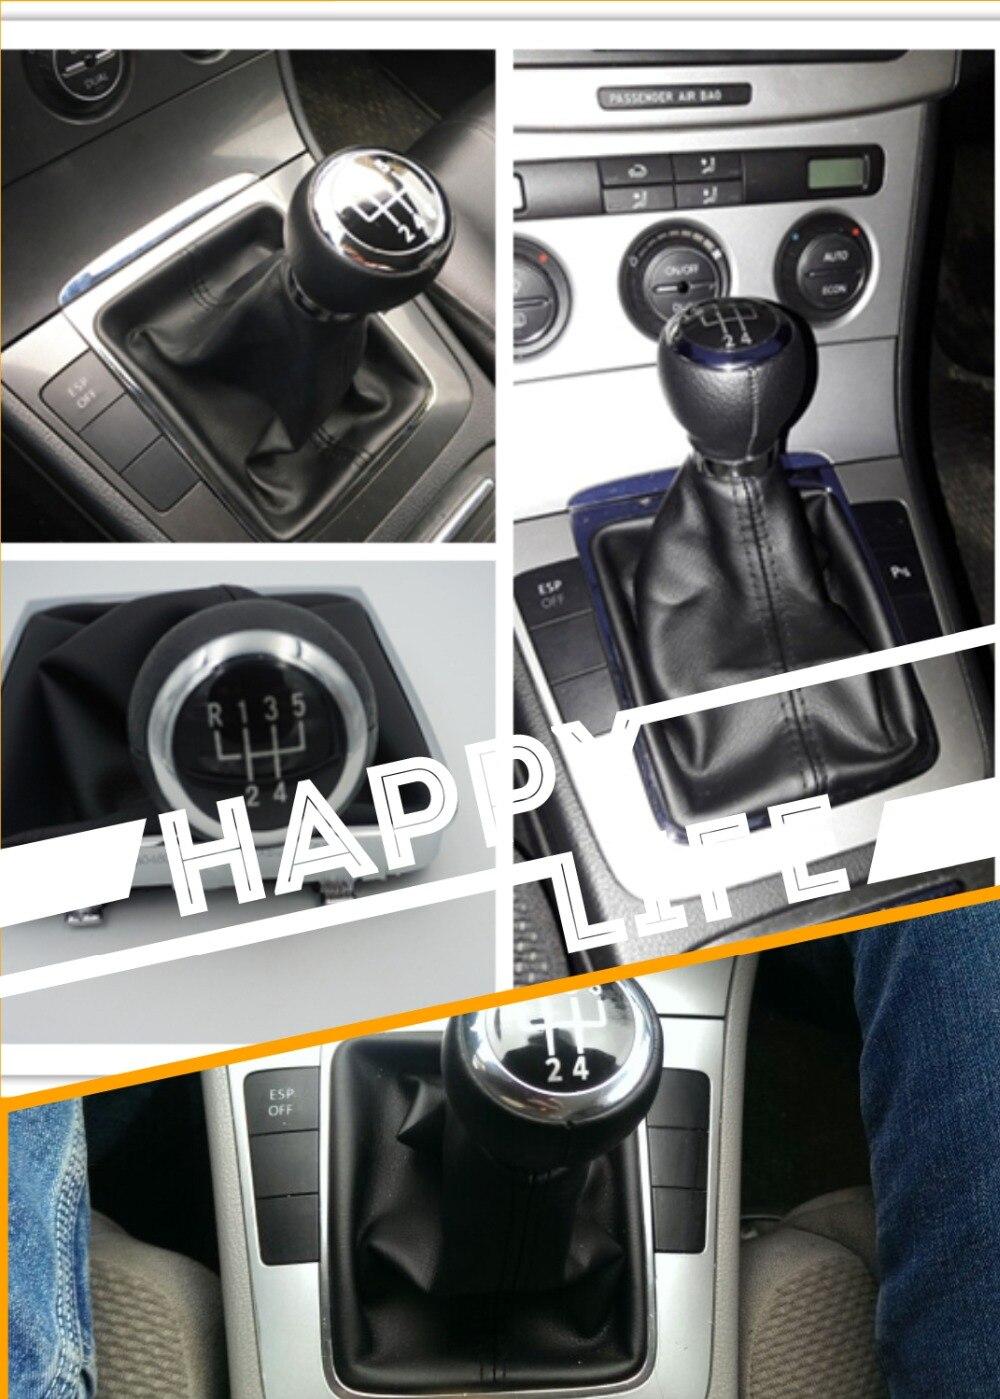 Knoflík 5 rychlostní černé PU kůže řadicí páky pro Passat B6 vnitřní průměr otvoru velikost 13 mm